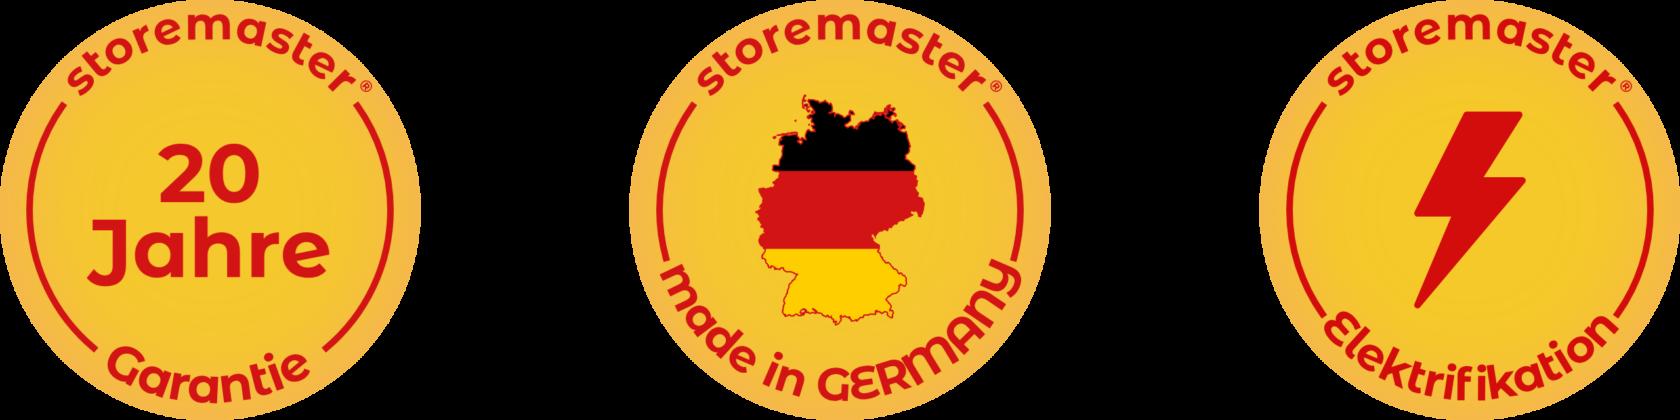 20 Jahre Garantie - Hergestellt in Deutschland - Elektrifikation möglich